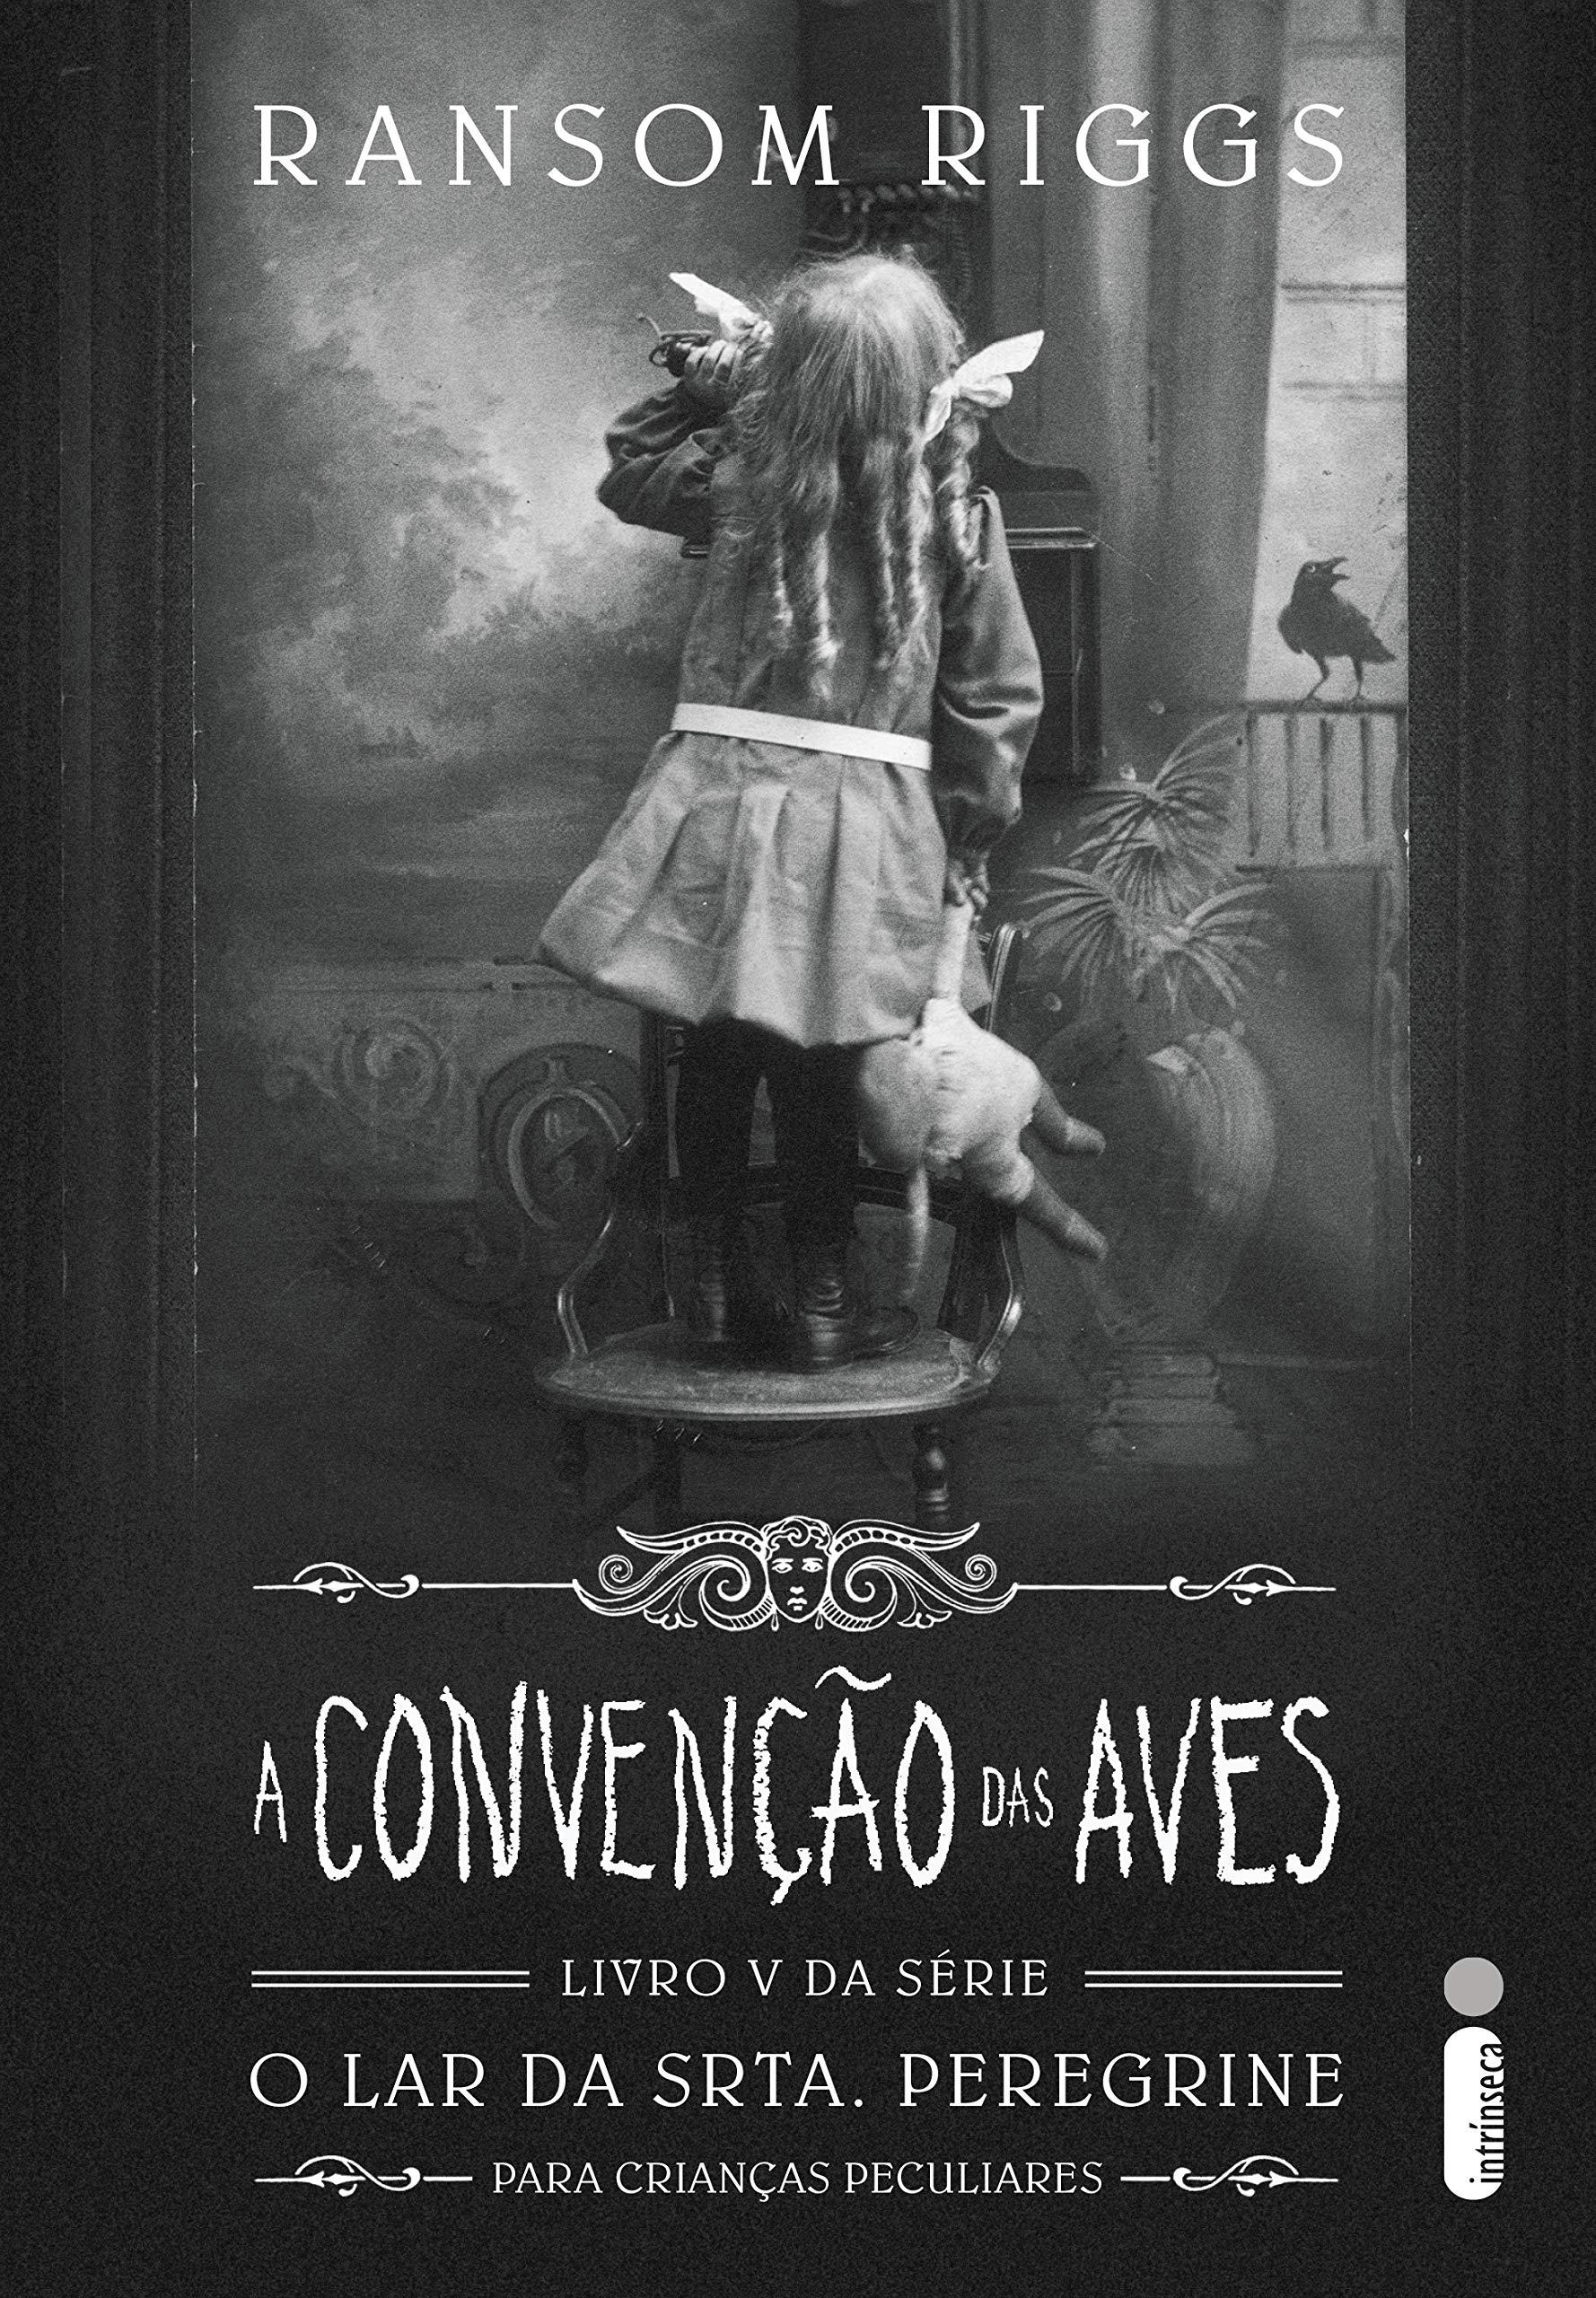 A Convenção Das Aves (O lar da srta. Peregrine para crianças peculiares Livro 5)